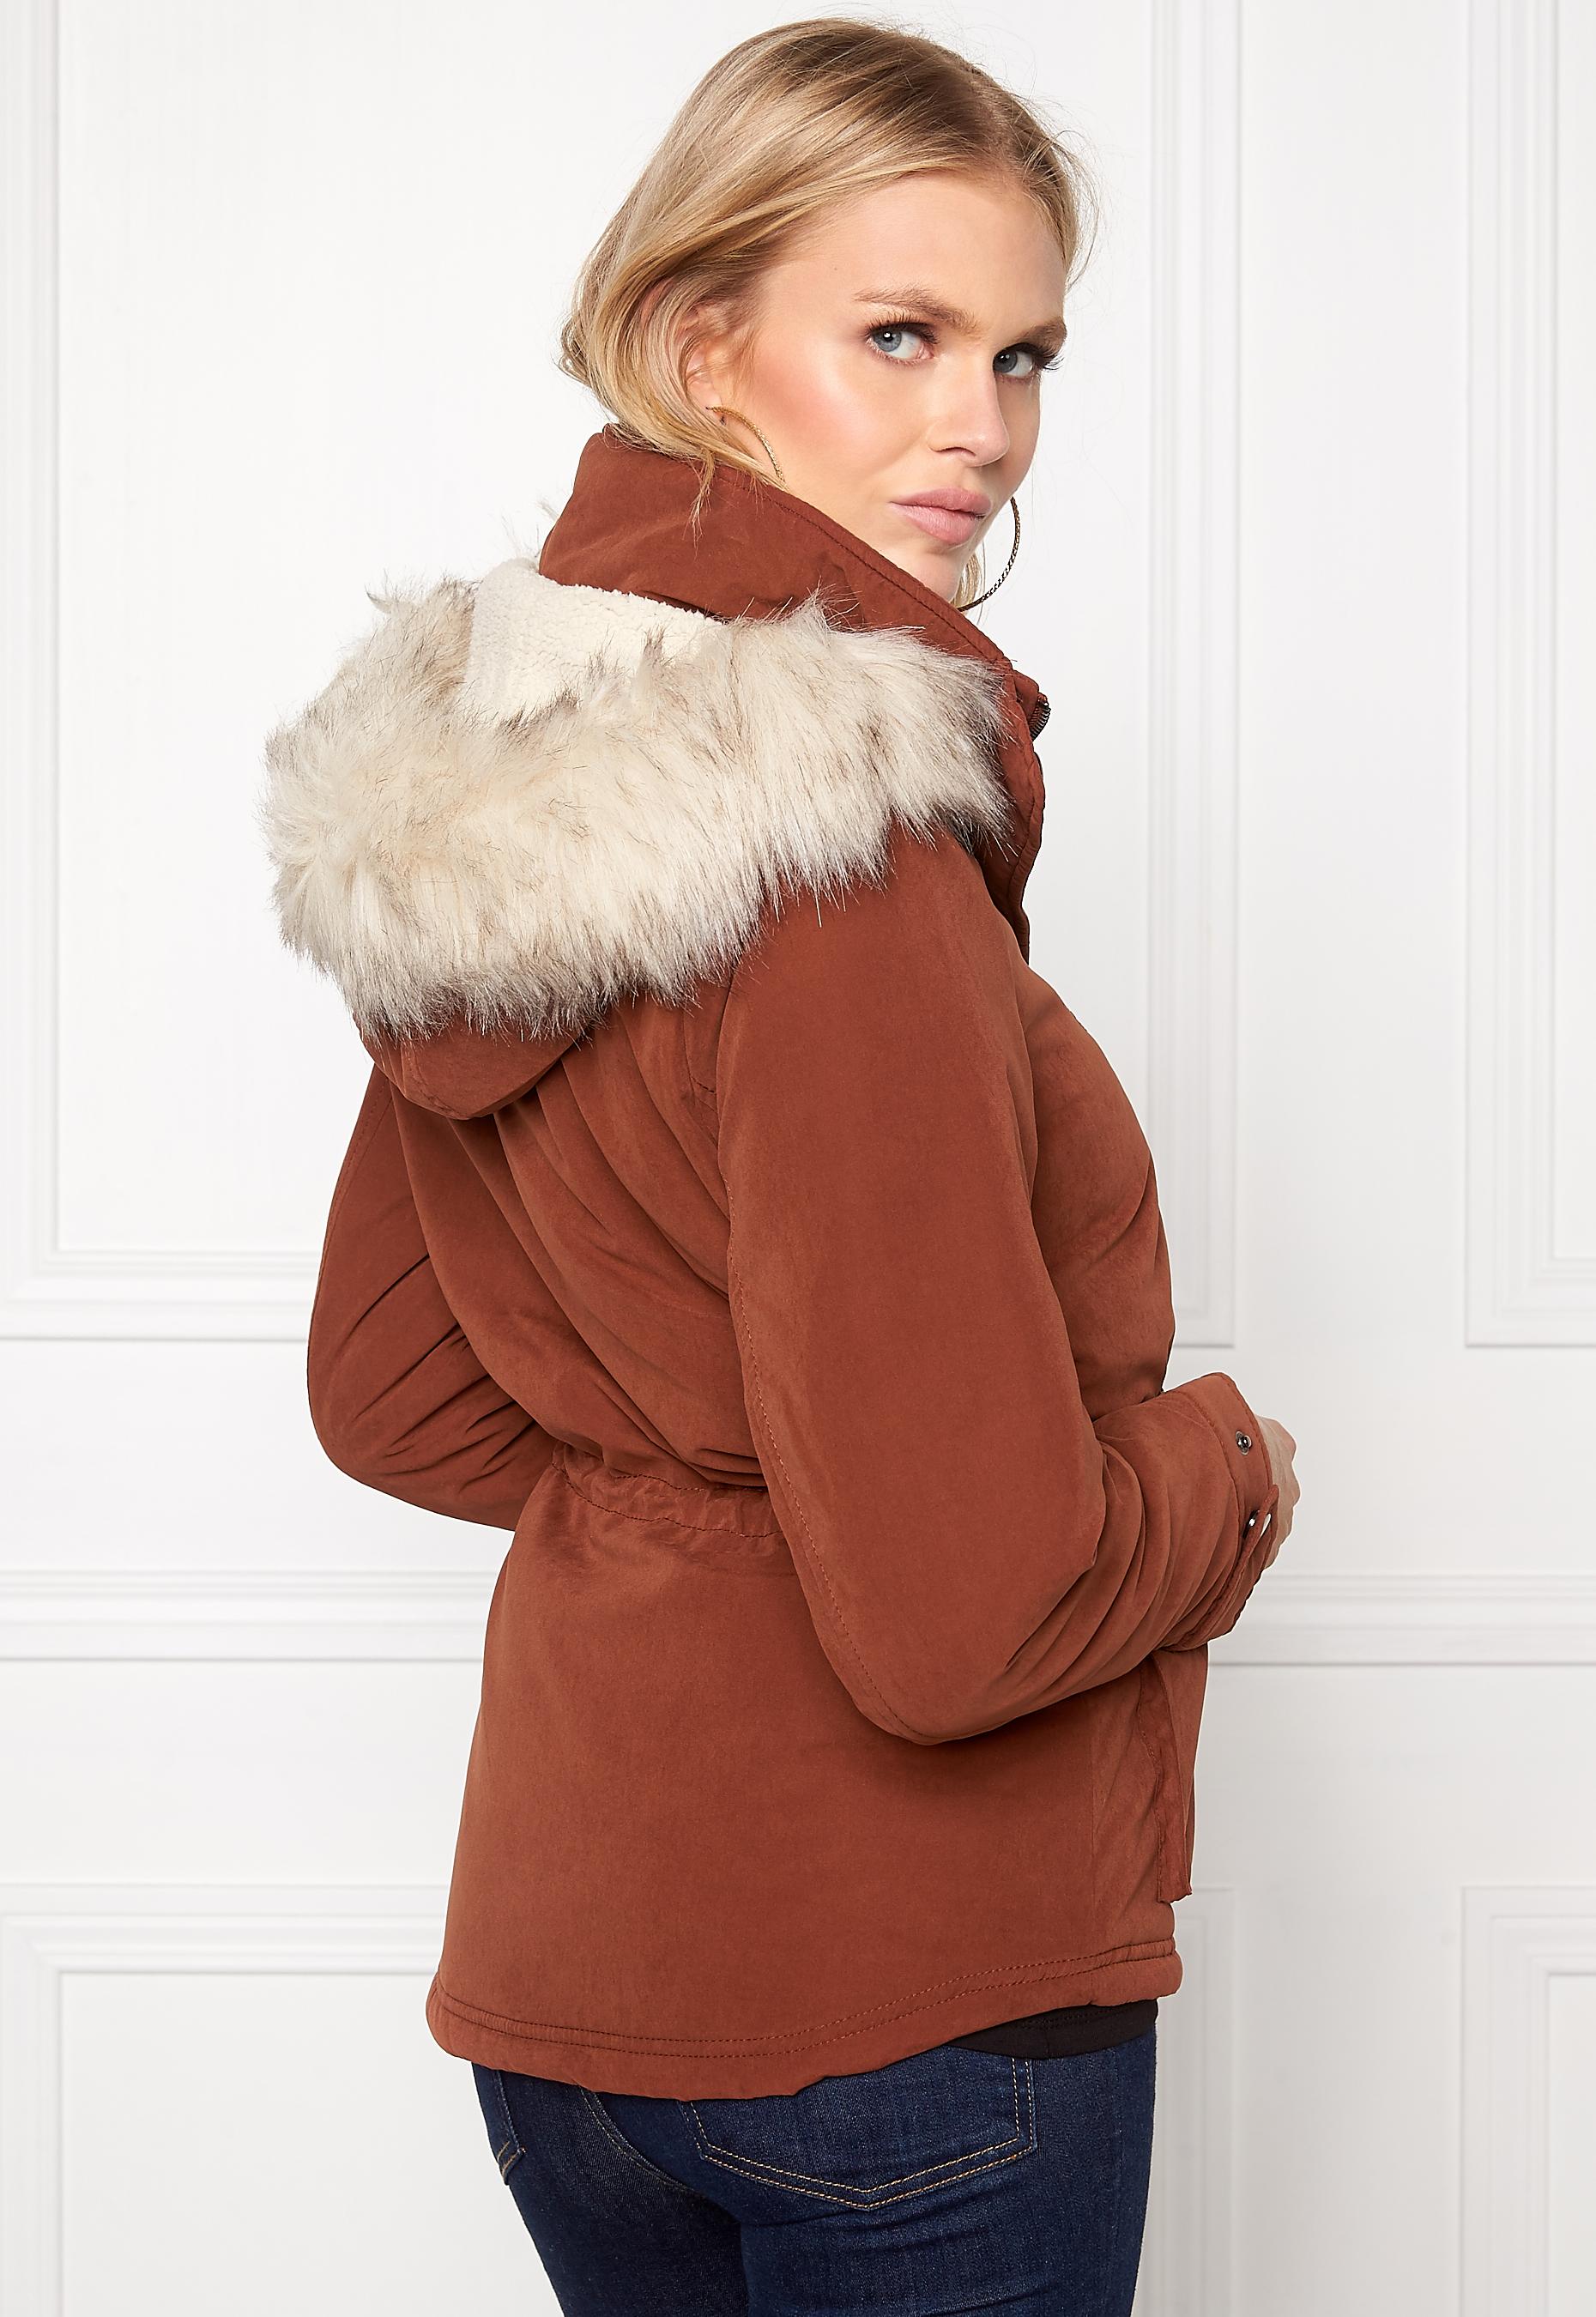 ONLY Starlight Fur Parka Cherry Mahogany - Bubbleroom 4908d36bce